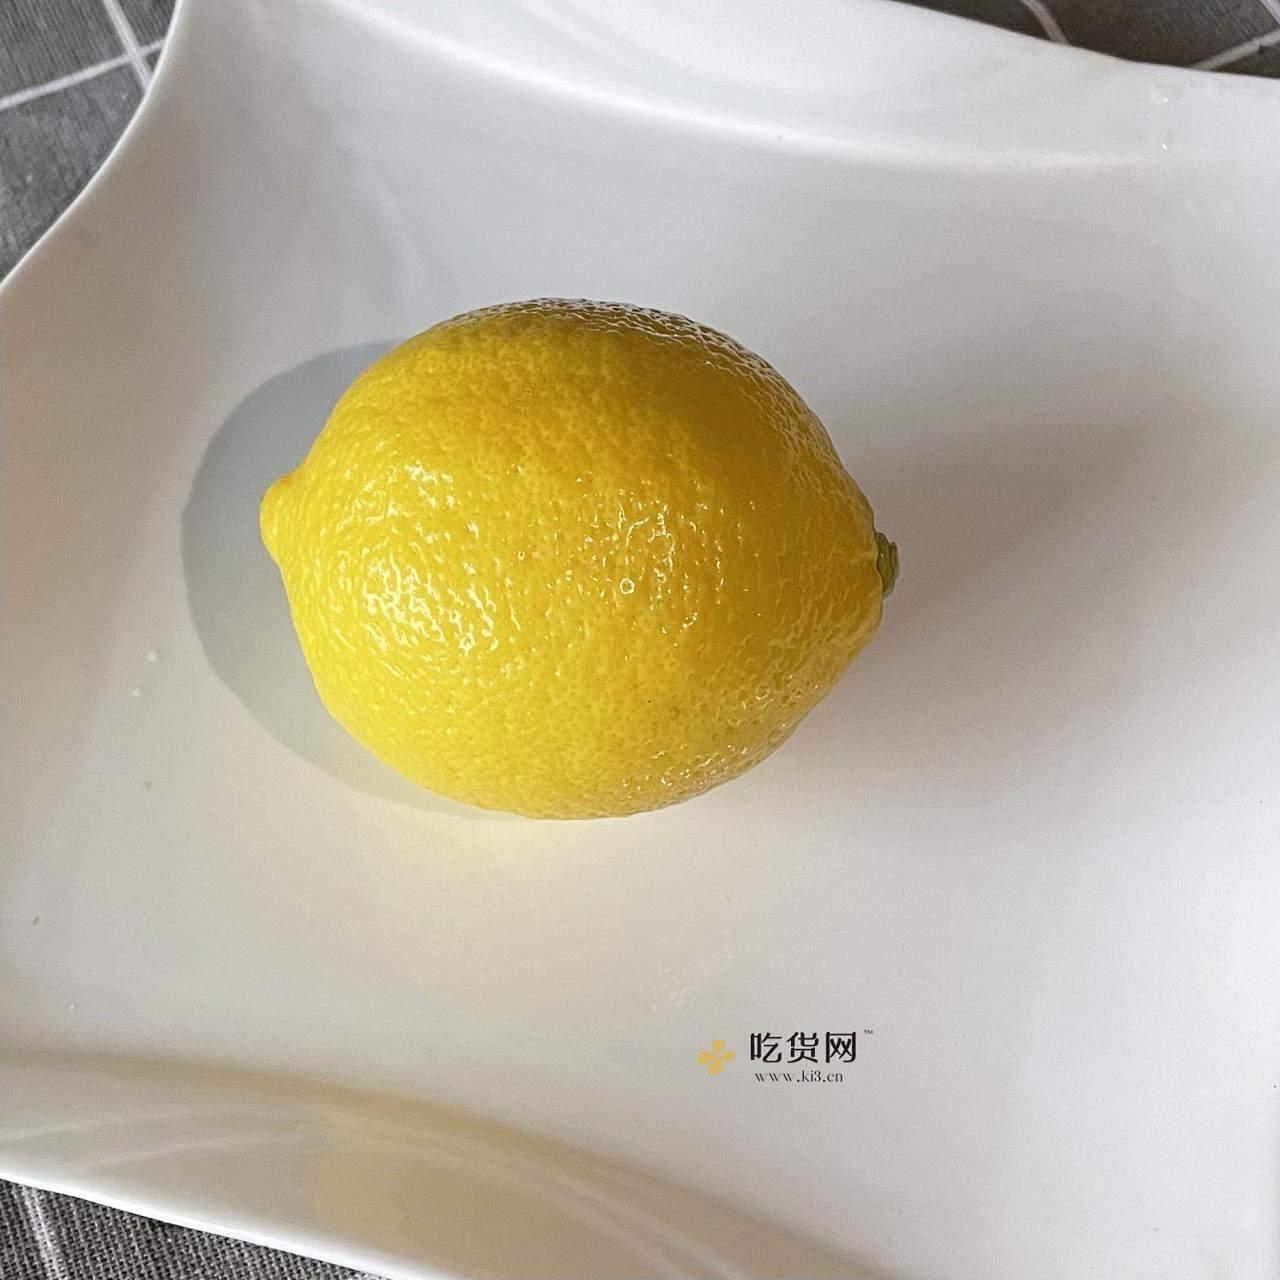 香蕉柠檬蜂蜜水 瘦身的做法 步骤11